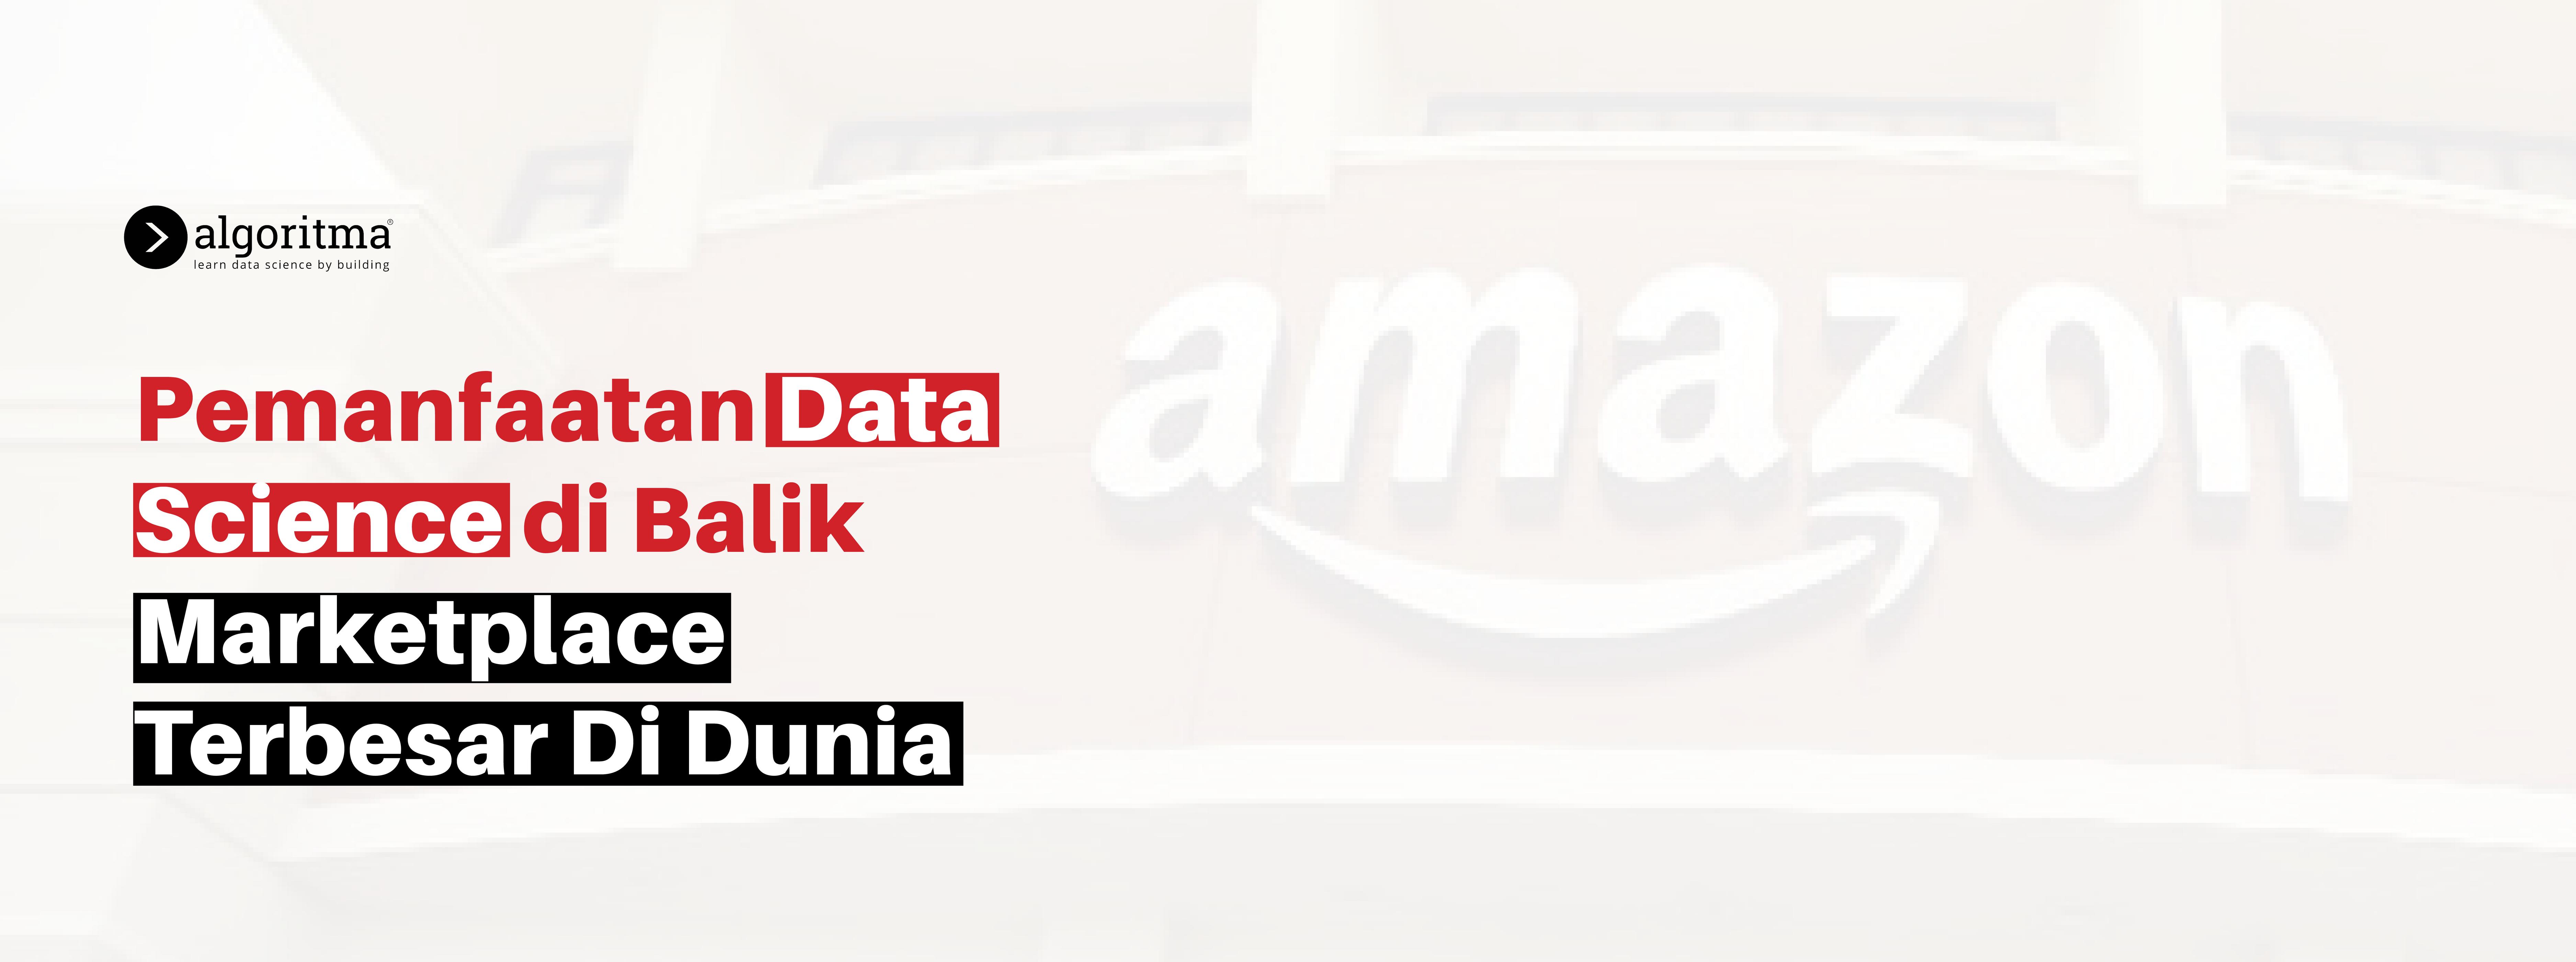 4 Pemanfaatan Data Science di Balik Marketplace Terbesar di Dunia